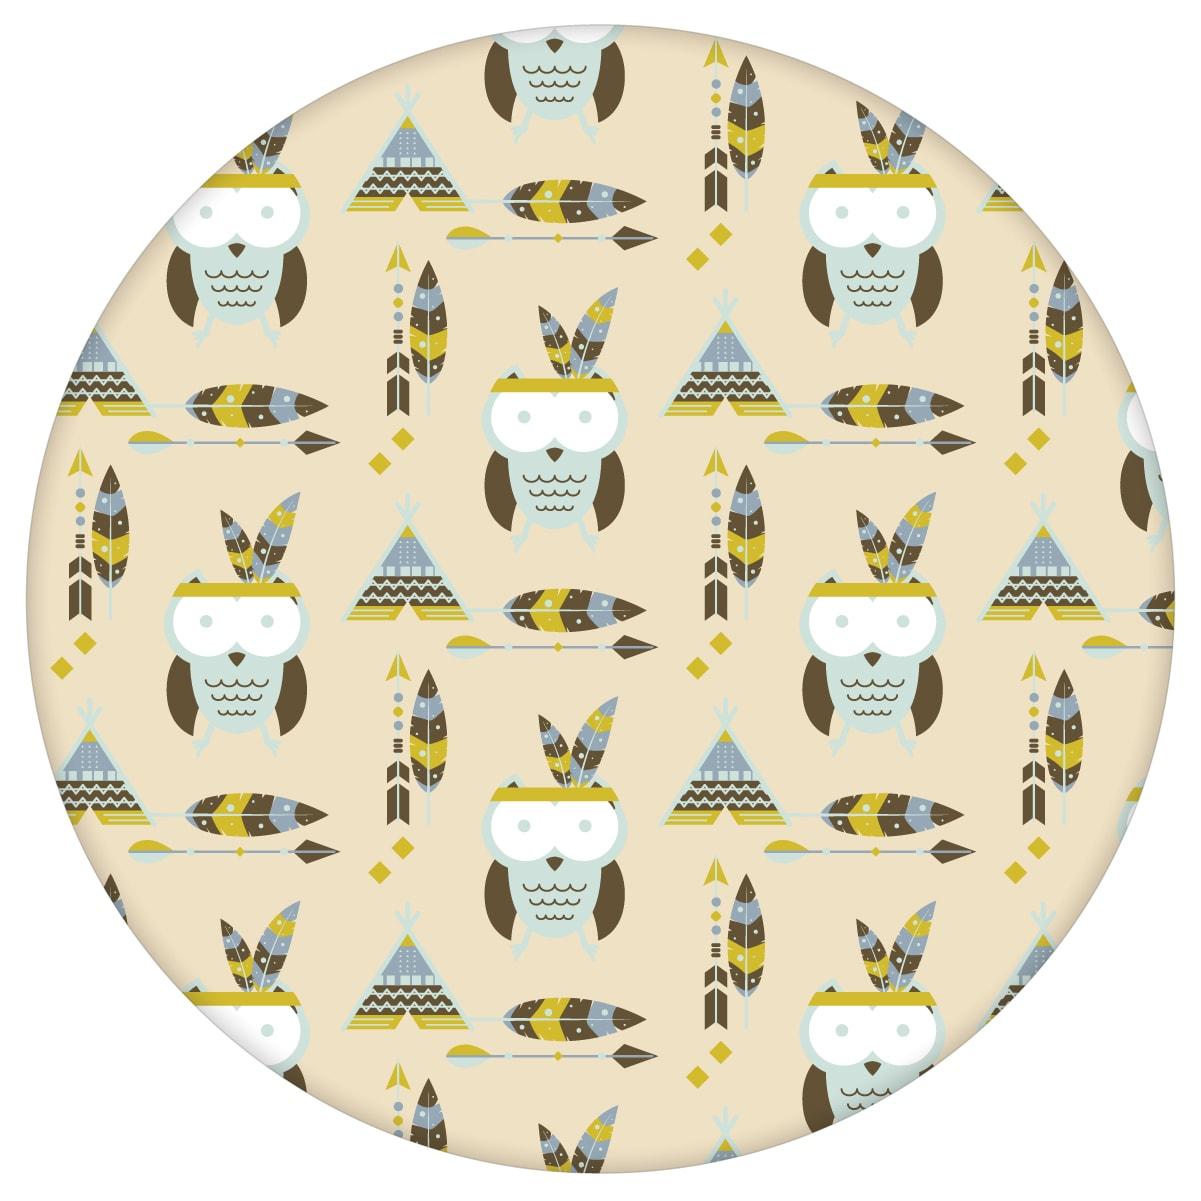 Indianer Kindertapete Eulen mit Federn in pastell beige, Design Tapete für Kinderzimmer aus den Tapeten Neuheiten Exklusive Tapete für schönes Wohnen als Naturaltouch Luxus Vliestapete oder Basic Vliestapete